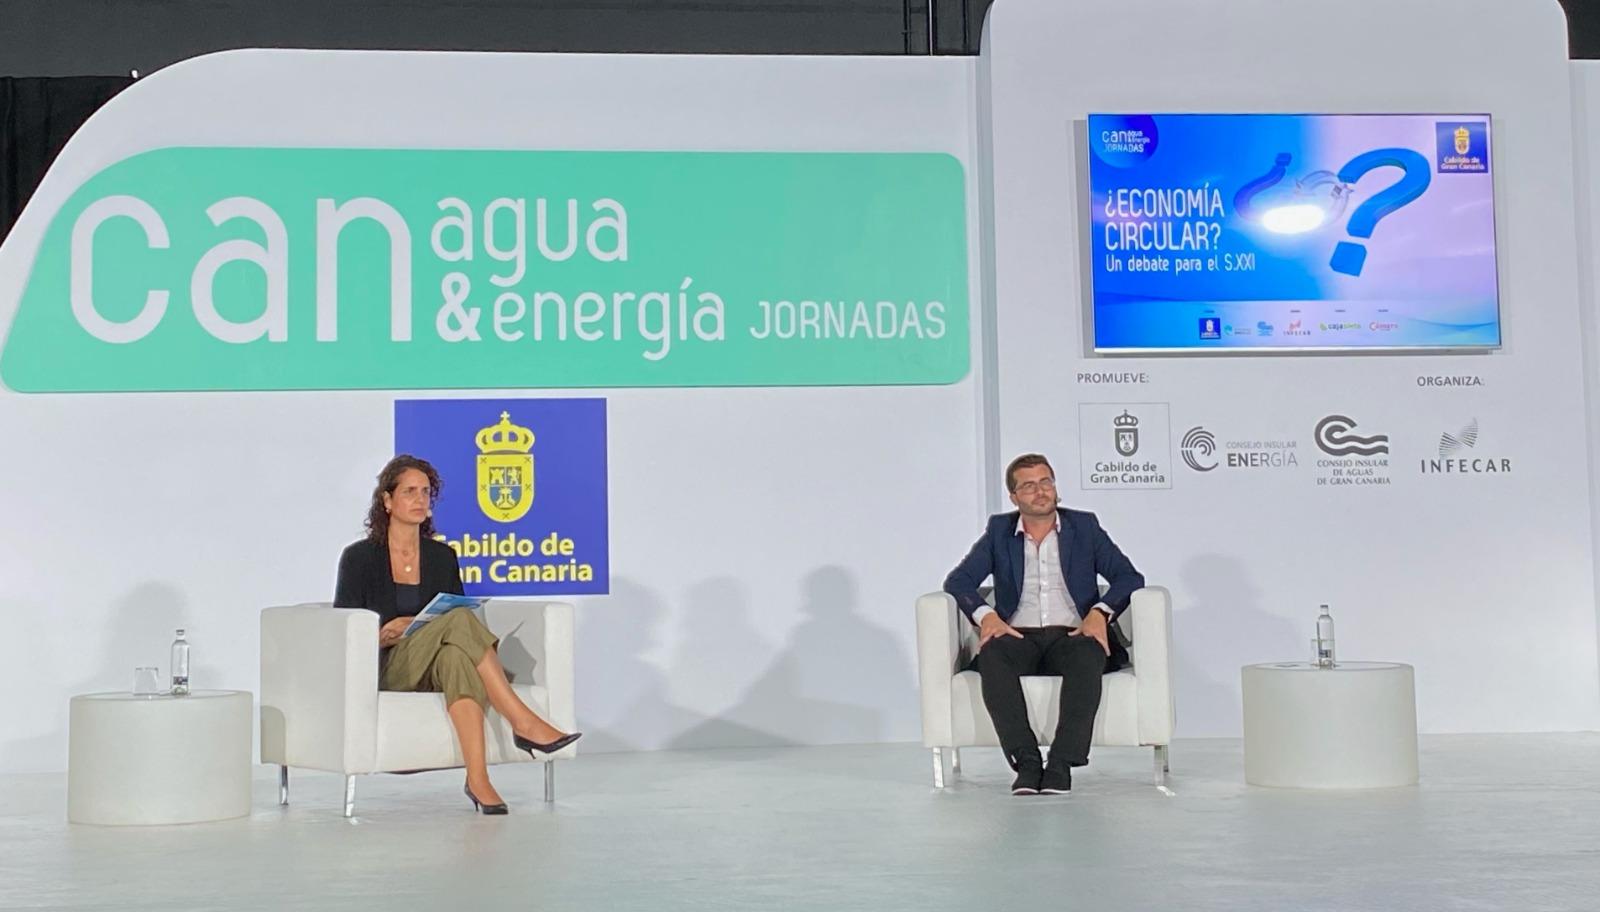 Jornada Canagua & Energía del Cabildo en Infecar / CanariasNoticias.es